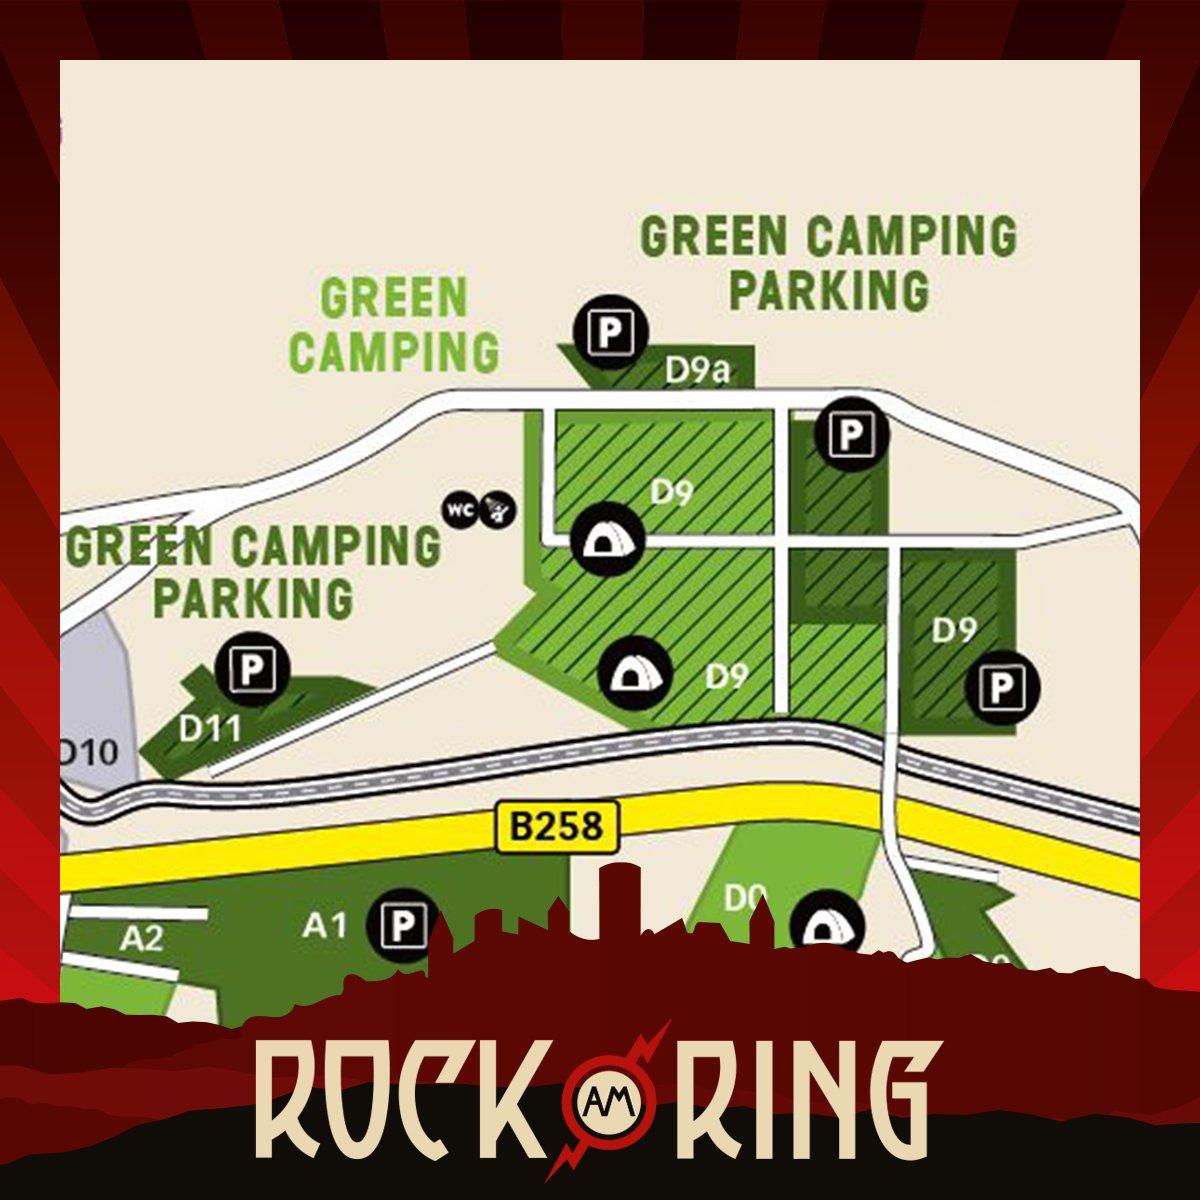 Rock Am Ring On Twitter Aufgrund Der Großen Nachfrage Haben Wir